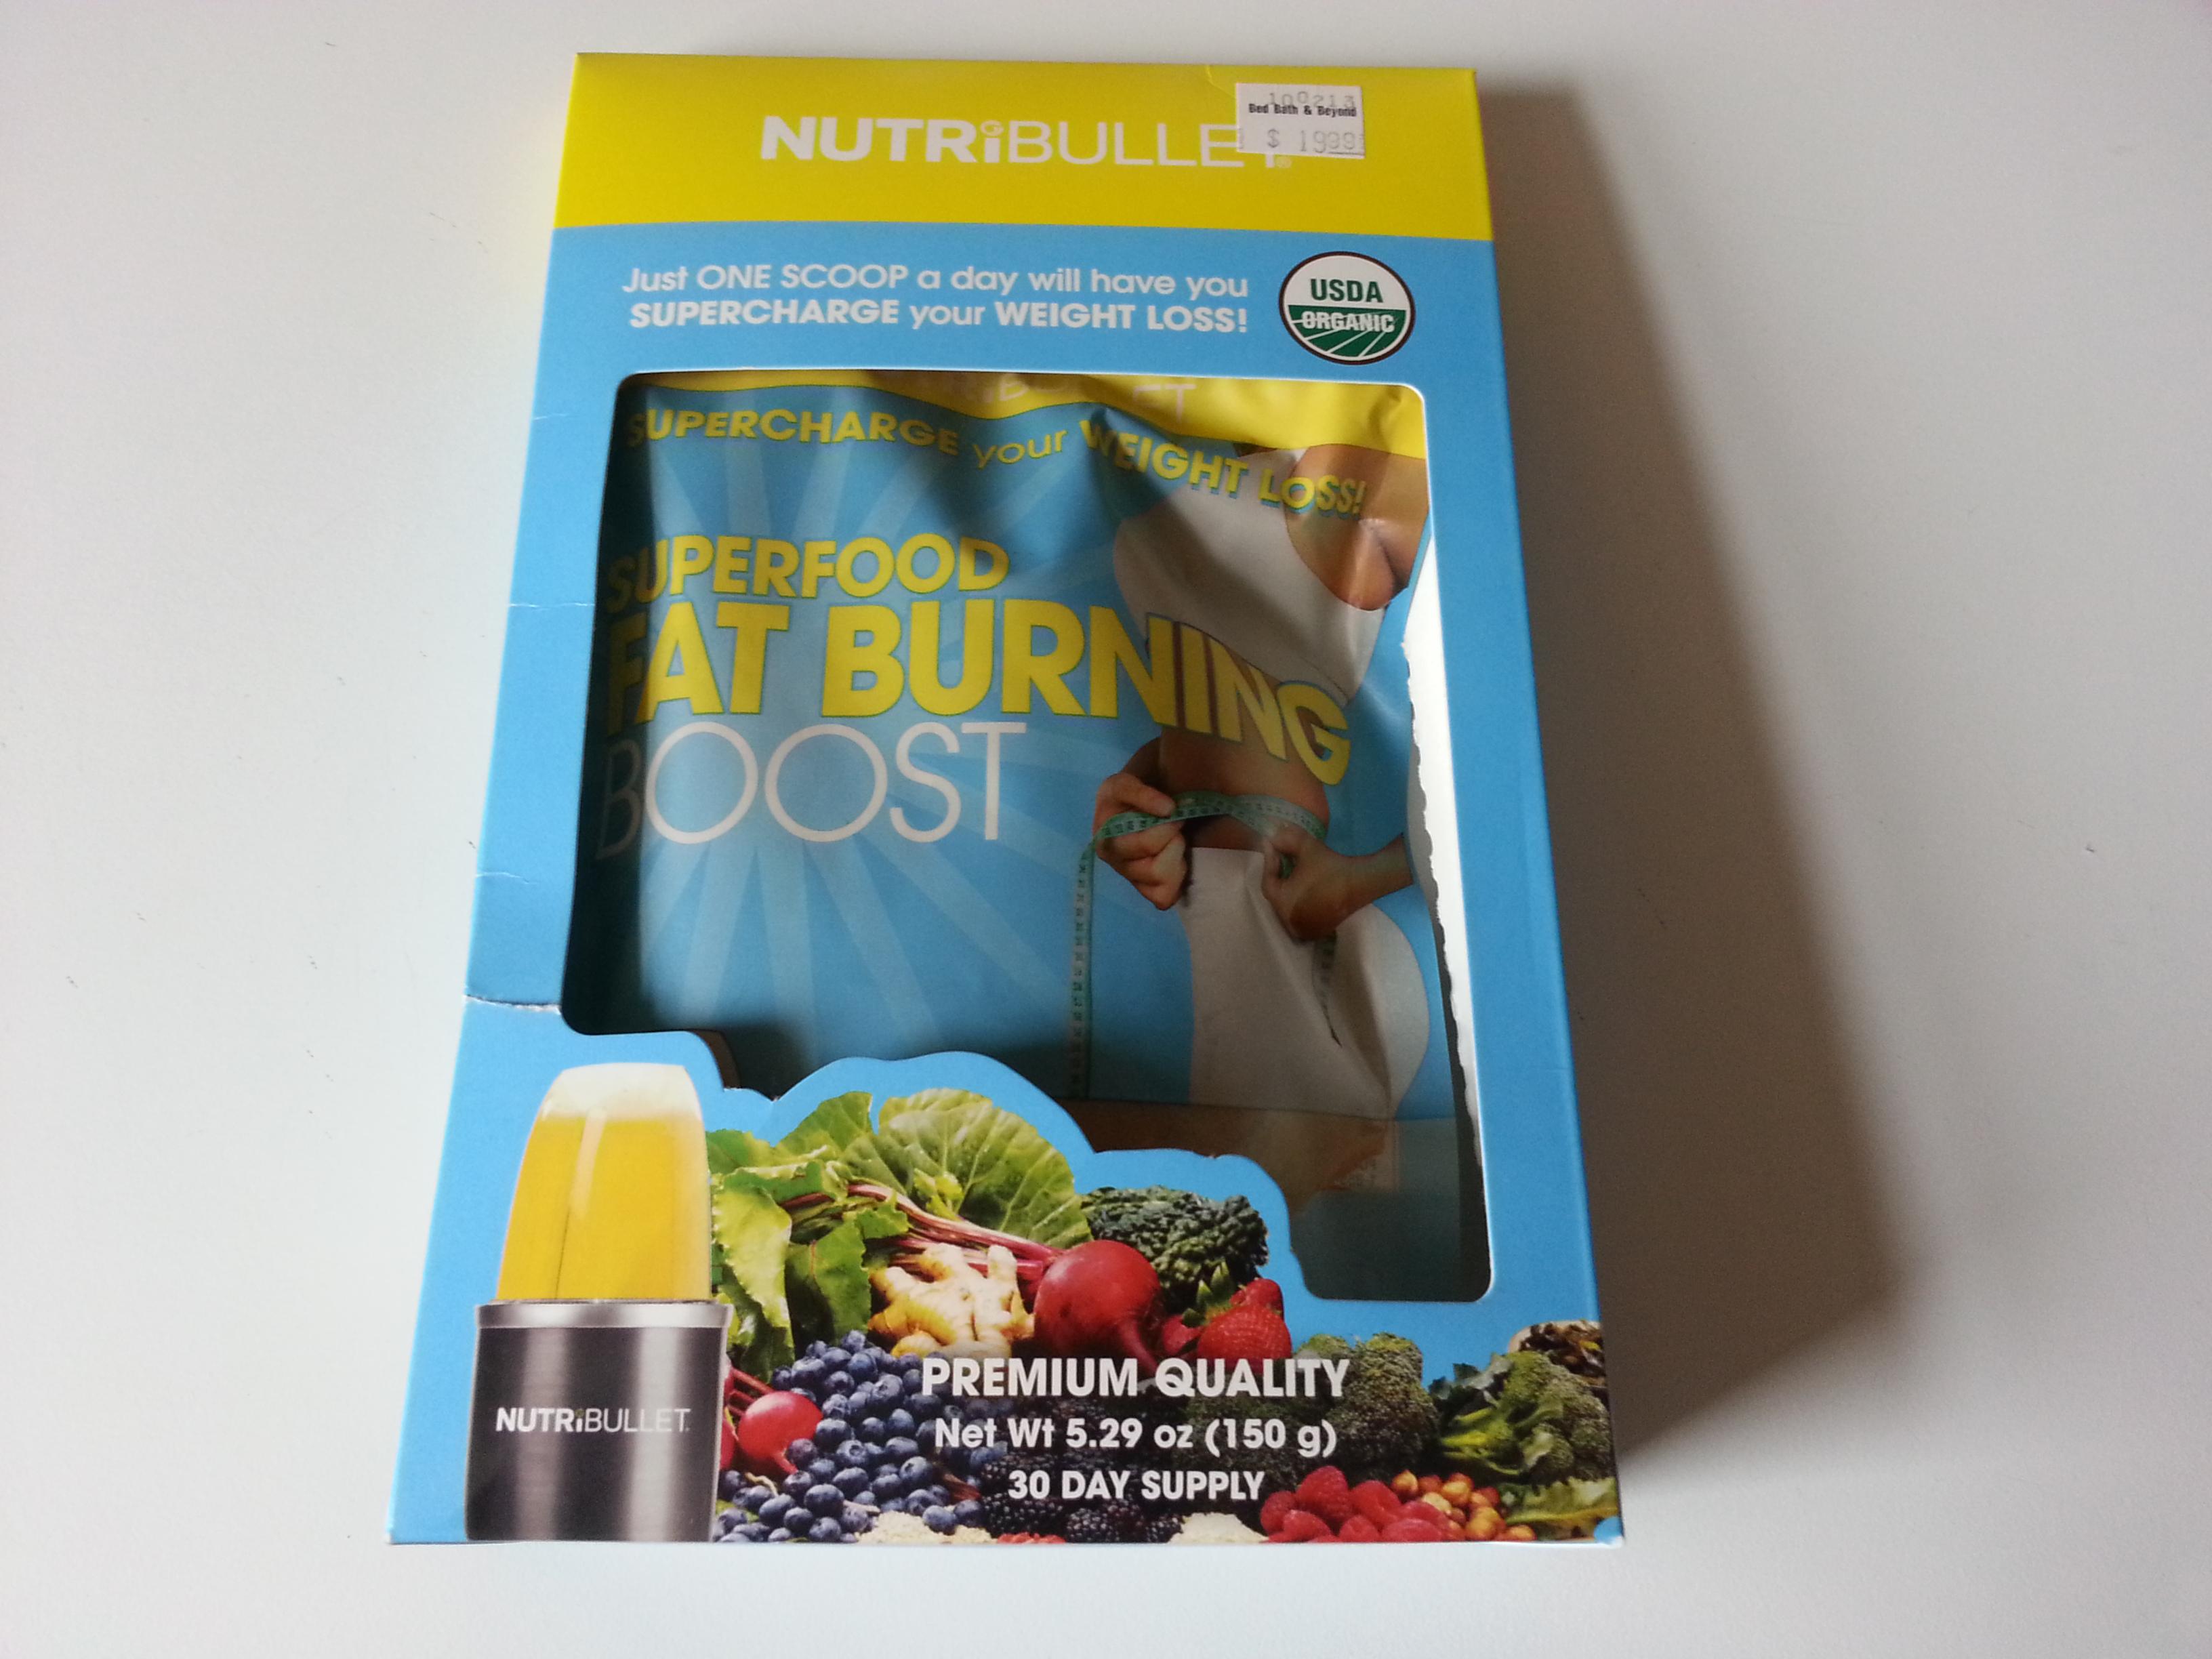 fat-burning-boost-nutribullet